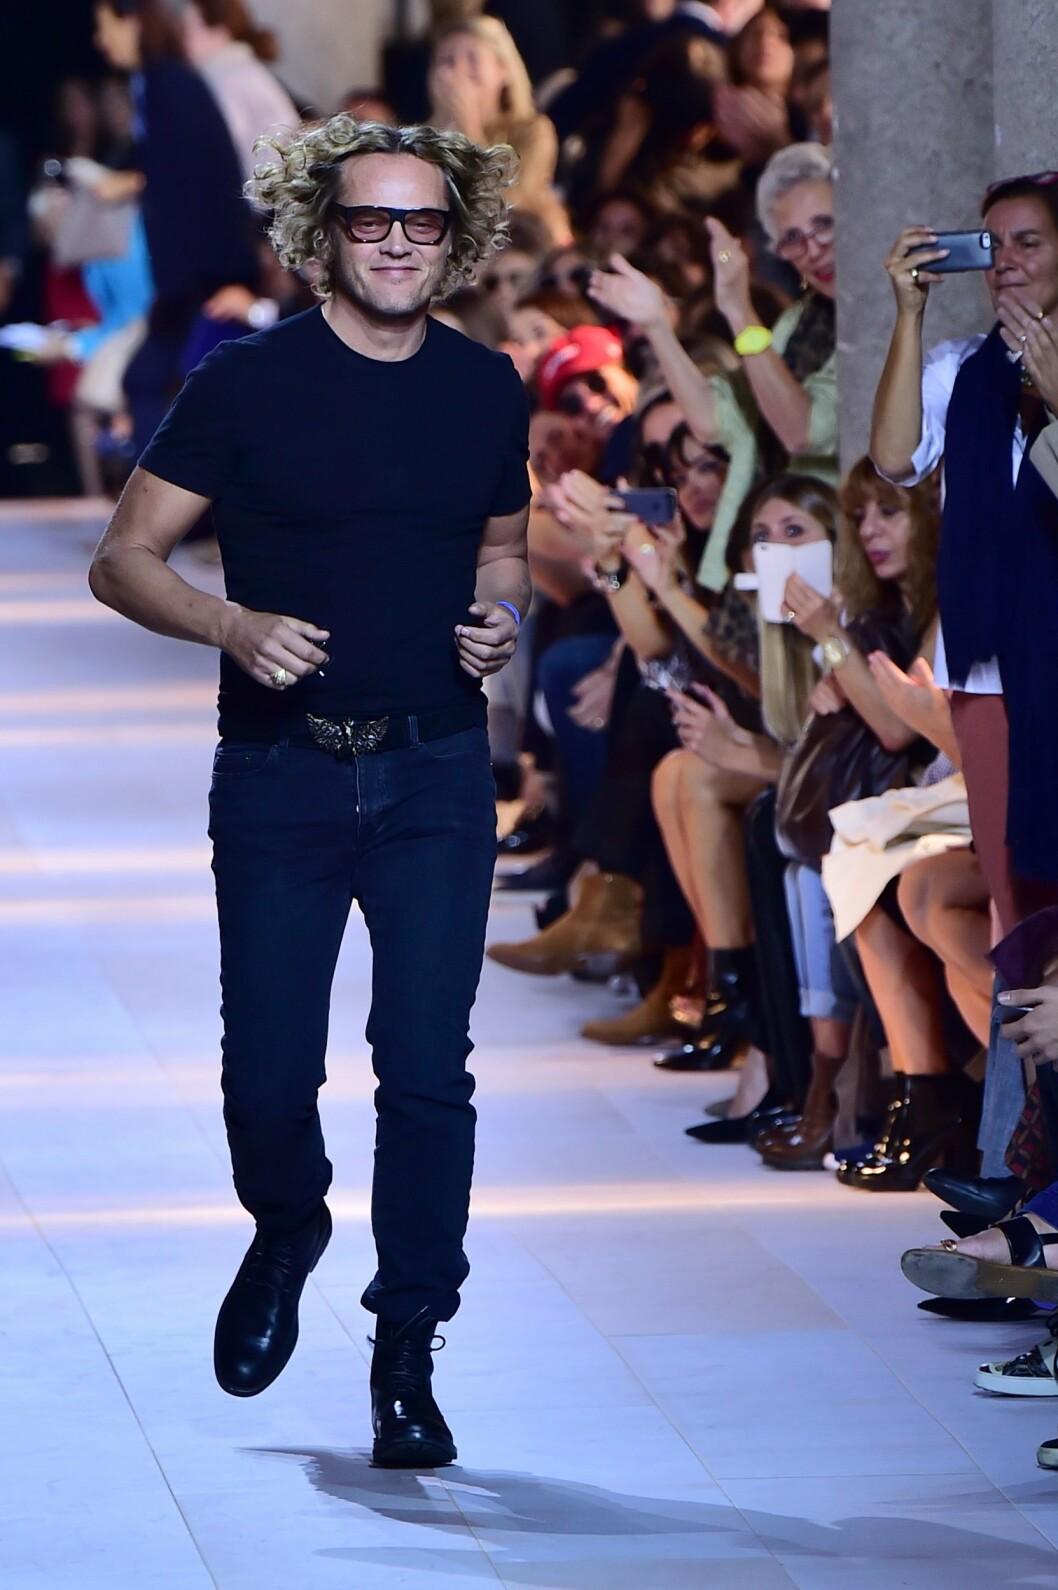 NORSK SJEF: Det er den norske designeren Peter Dundas som nå er sjefsdesigner for Roberto Cavallis motehus. Her mottar han applaus fra publikum etter visningen av Cavallis kommende vår- og sommerkolleksjon for kvinner under moteuken i Milano i september.  Foto: Afp